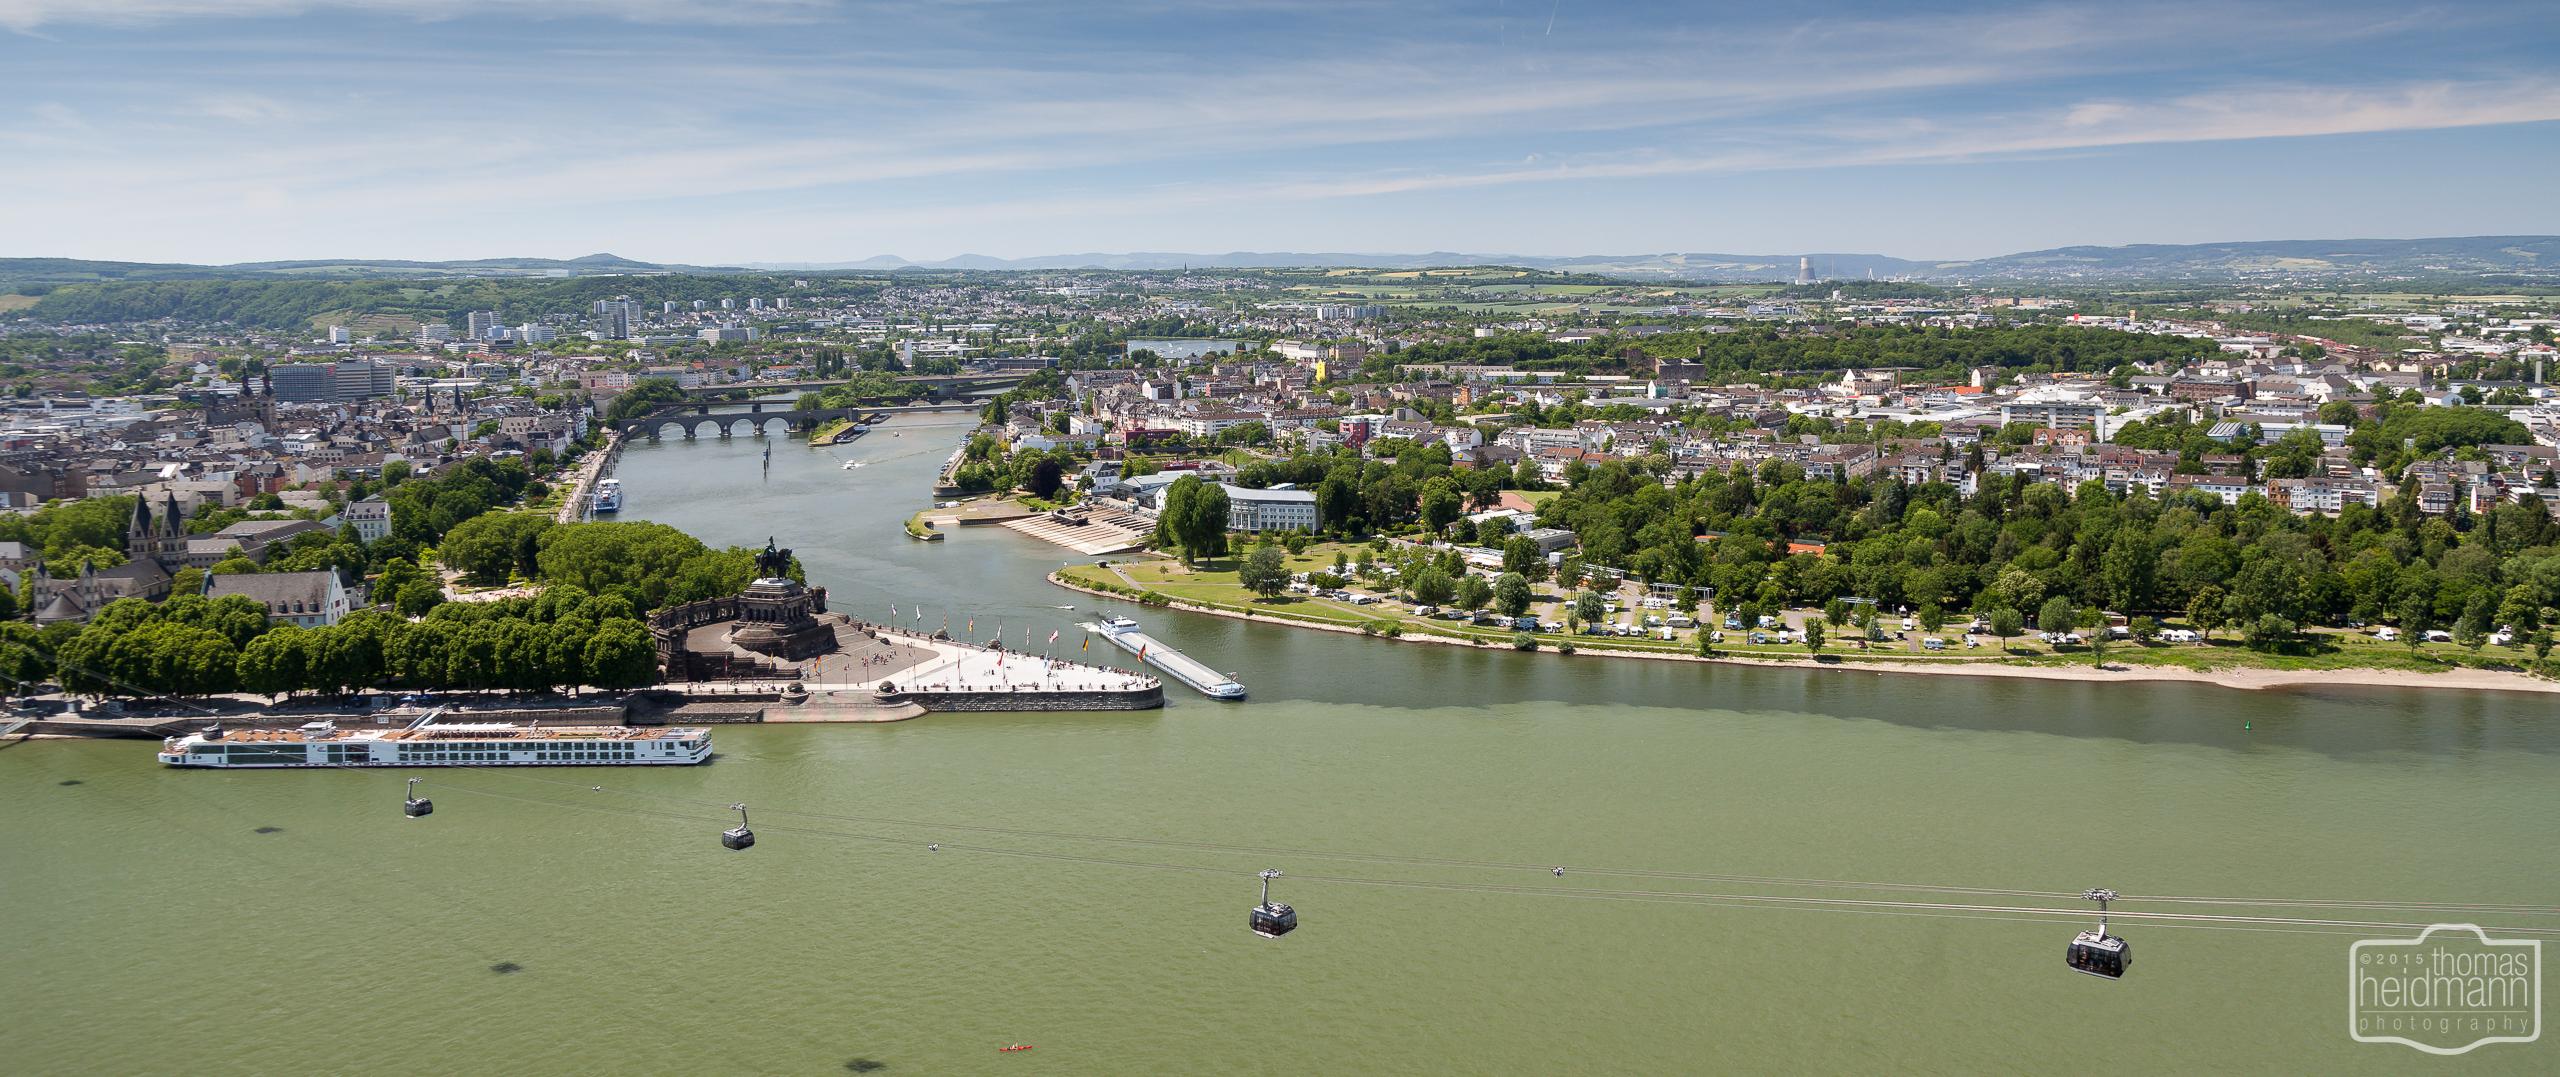 Das Deutsche Eck in Koblenz